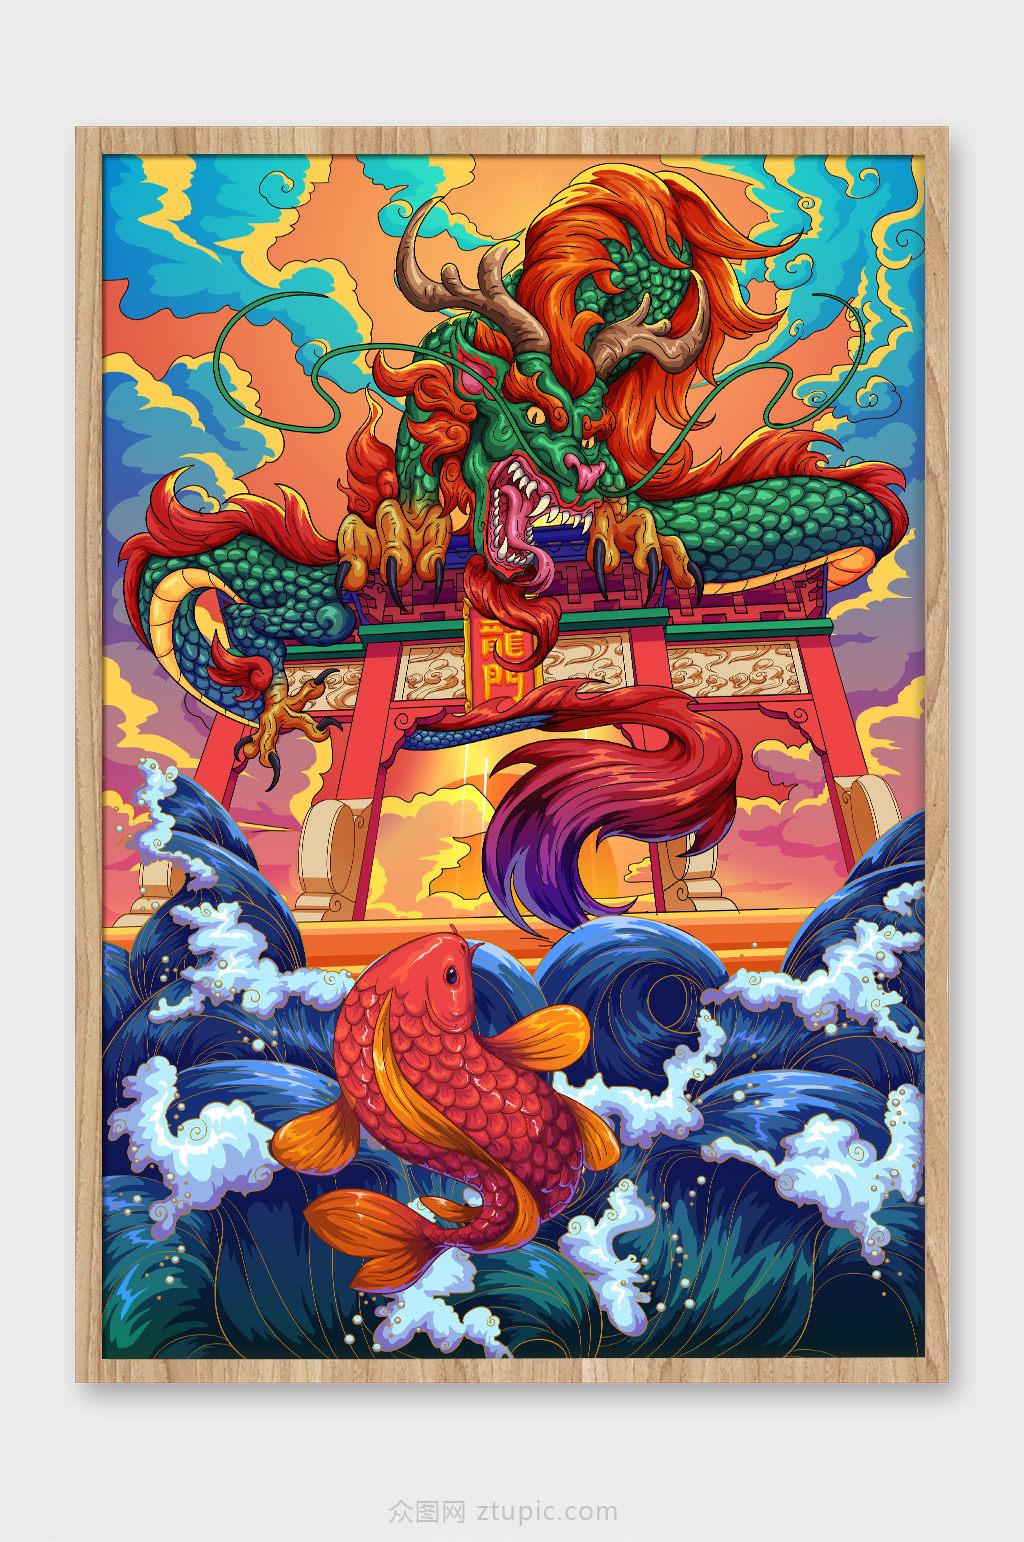 鱼跃龙门雕塑_国潮风鱼跃龙门商业插画-插画素材下载-众图网